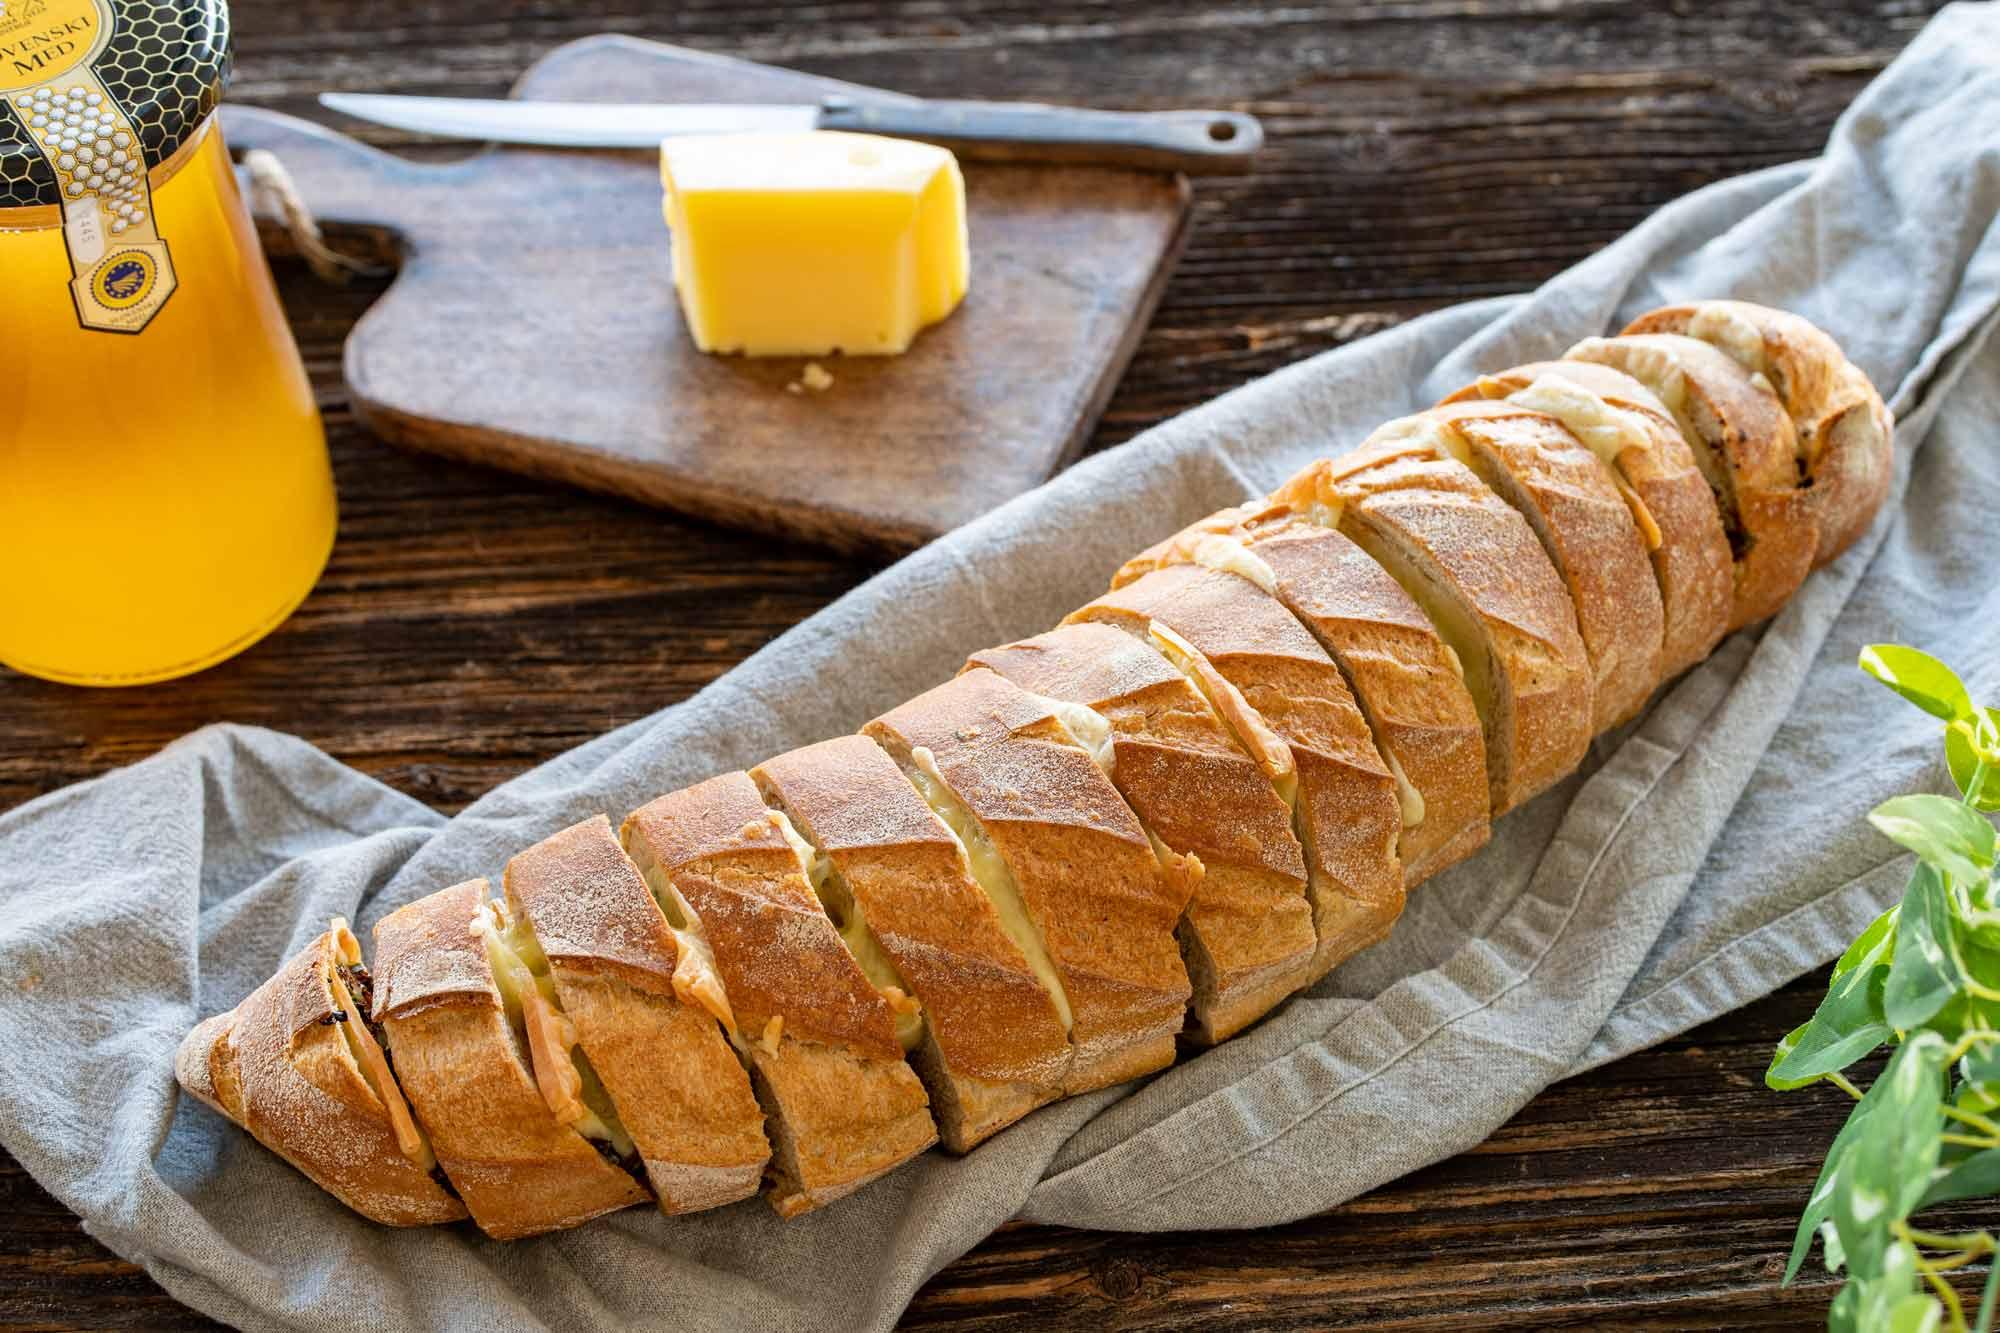 Štruca zeliščnega kruha s Tolmincem